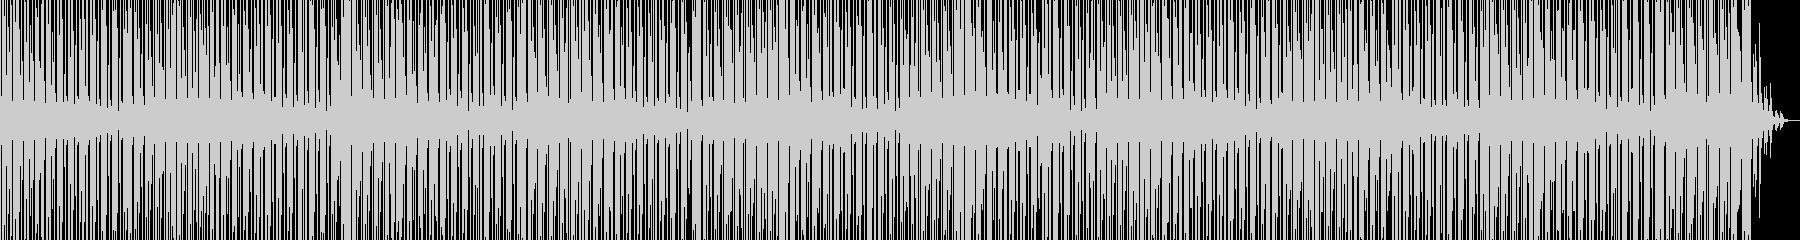 Beautiful DeepDubHopの未再生の波形